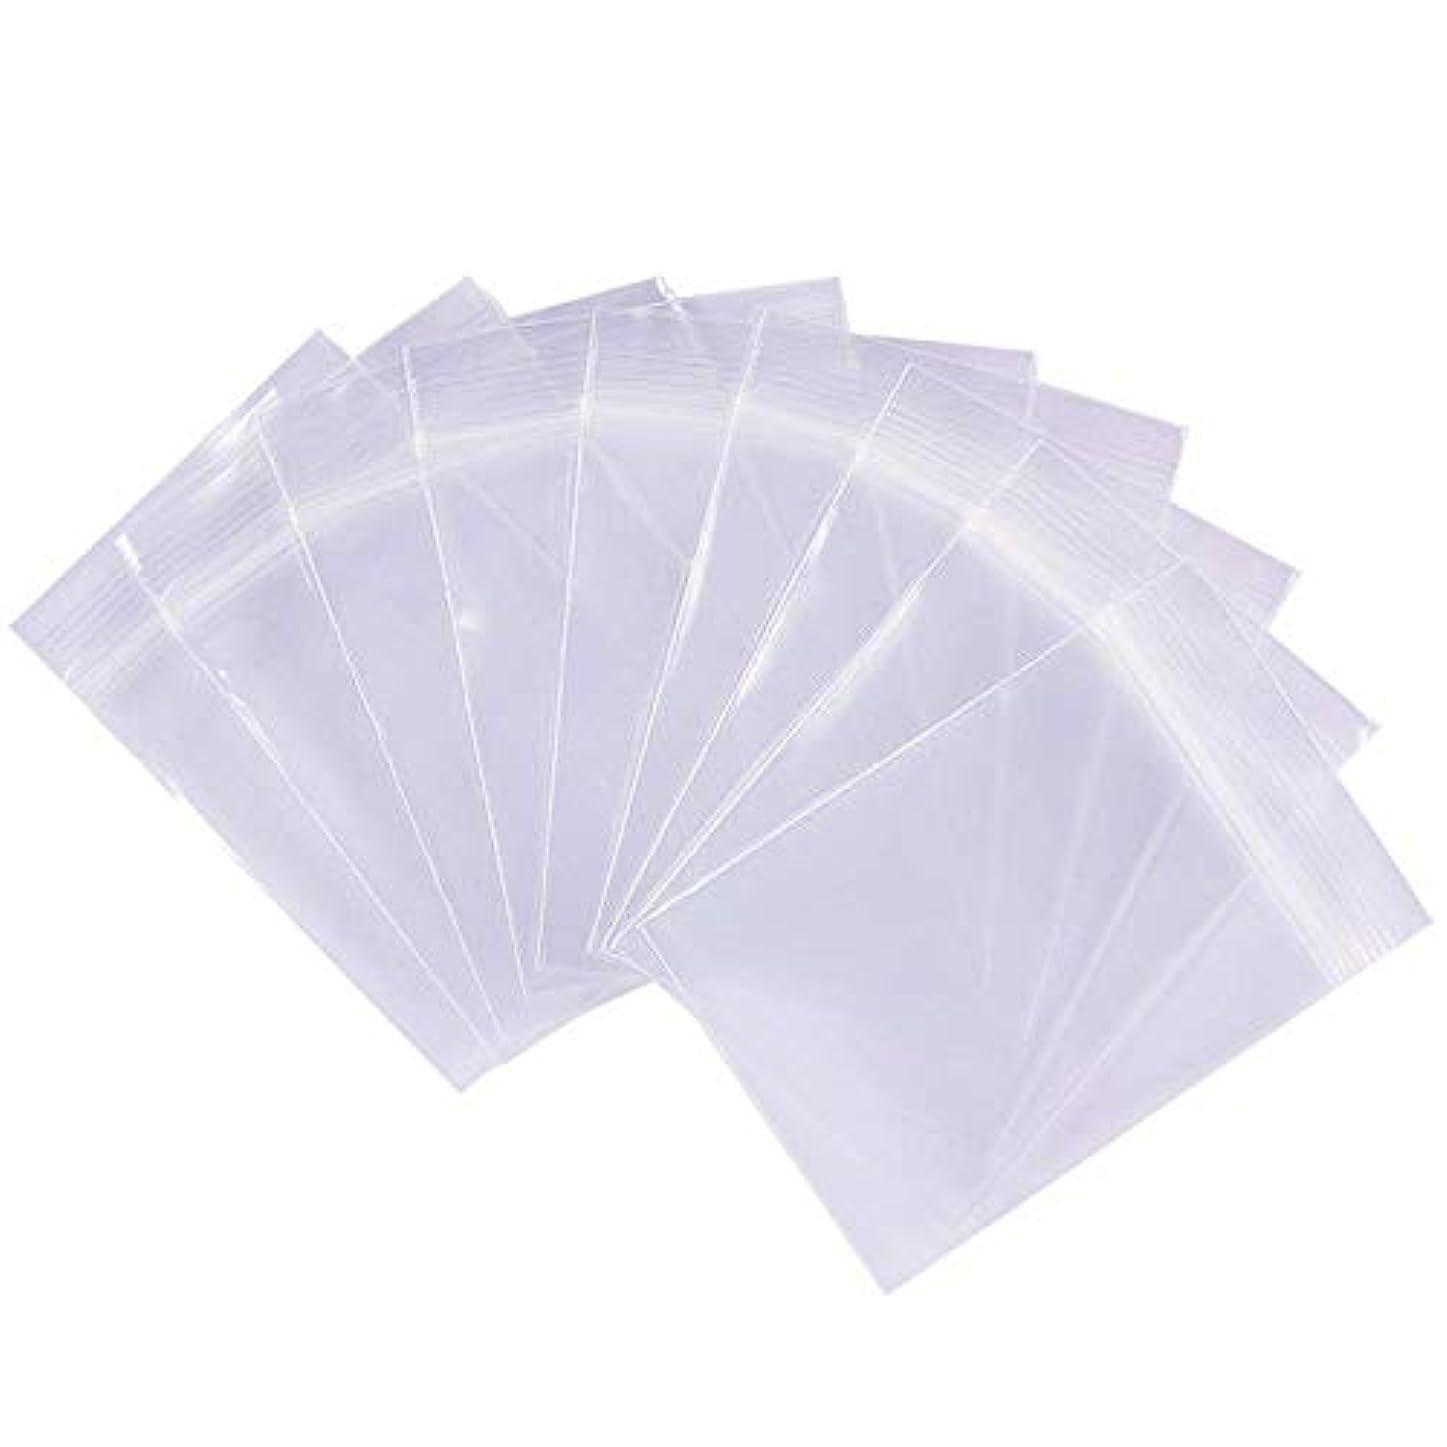 統計的広告するオペラ200枚チャック袋 透明チャック付ポリ袋 リサイクル可能プラスチック袋密封保存袋